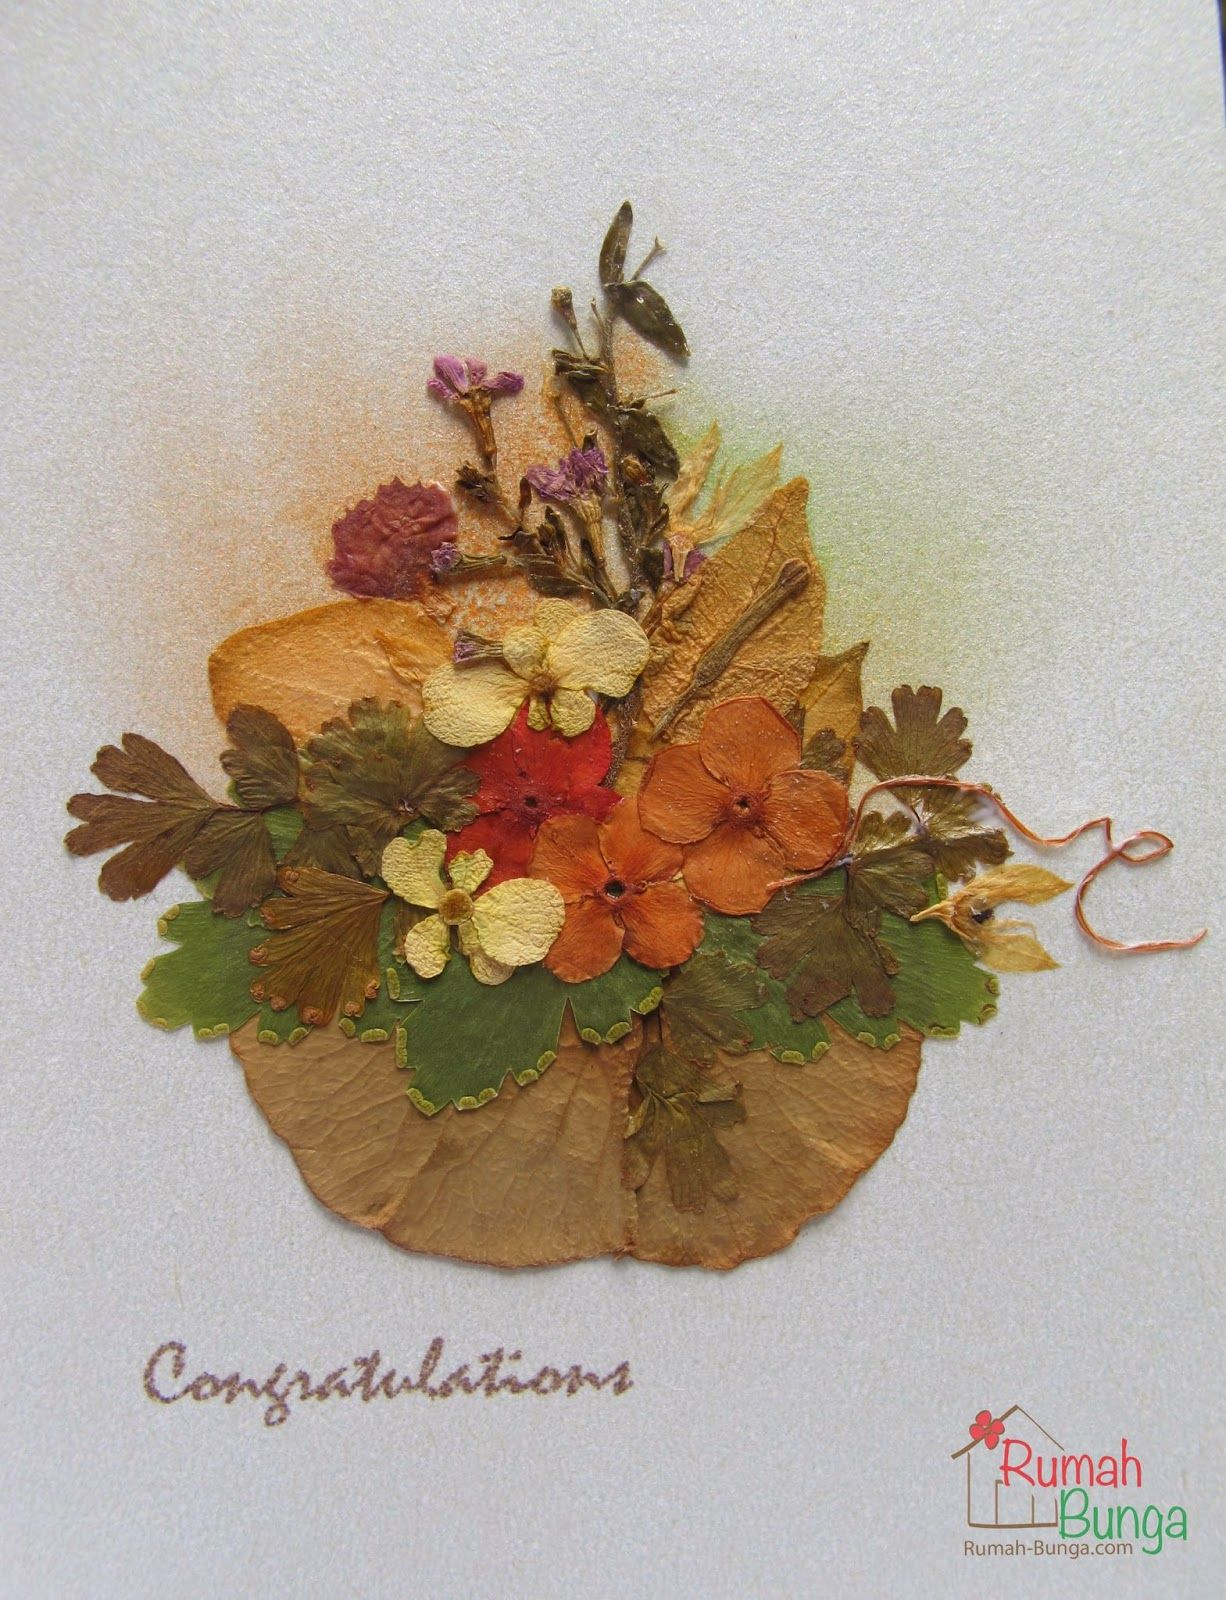 Kartu Ucapan Selamat Berhiaskan Bunga Kering Yang Dipres Flower